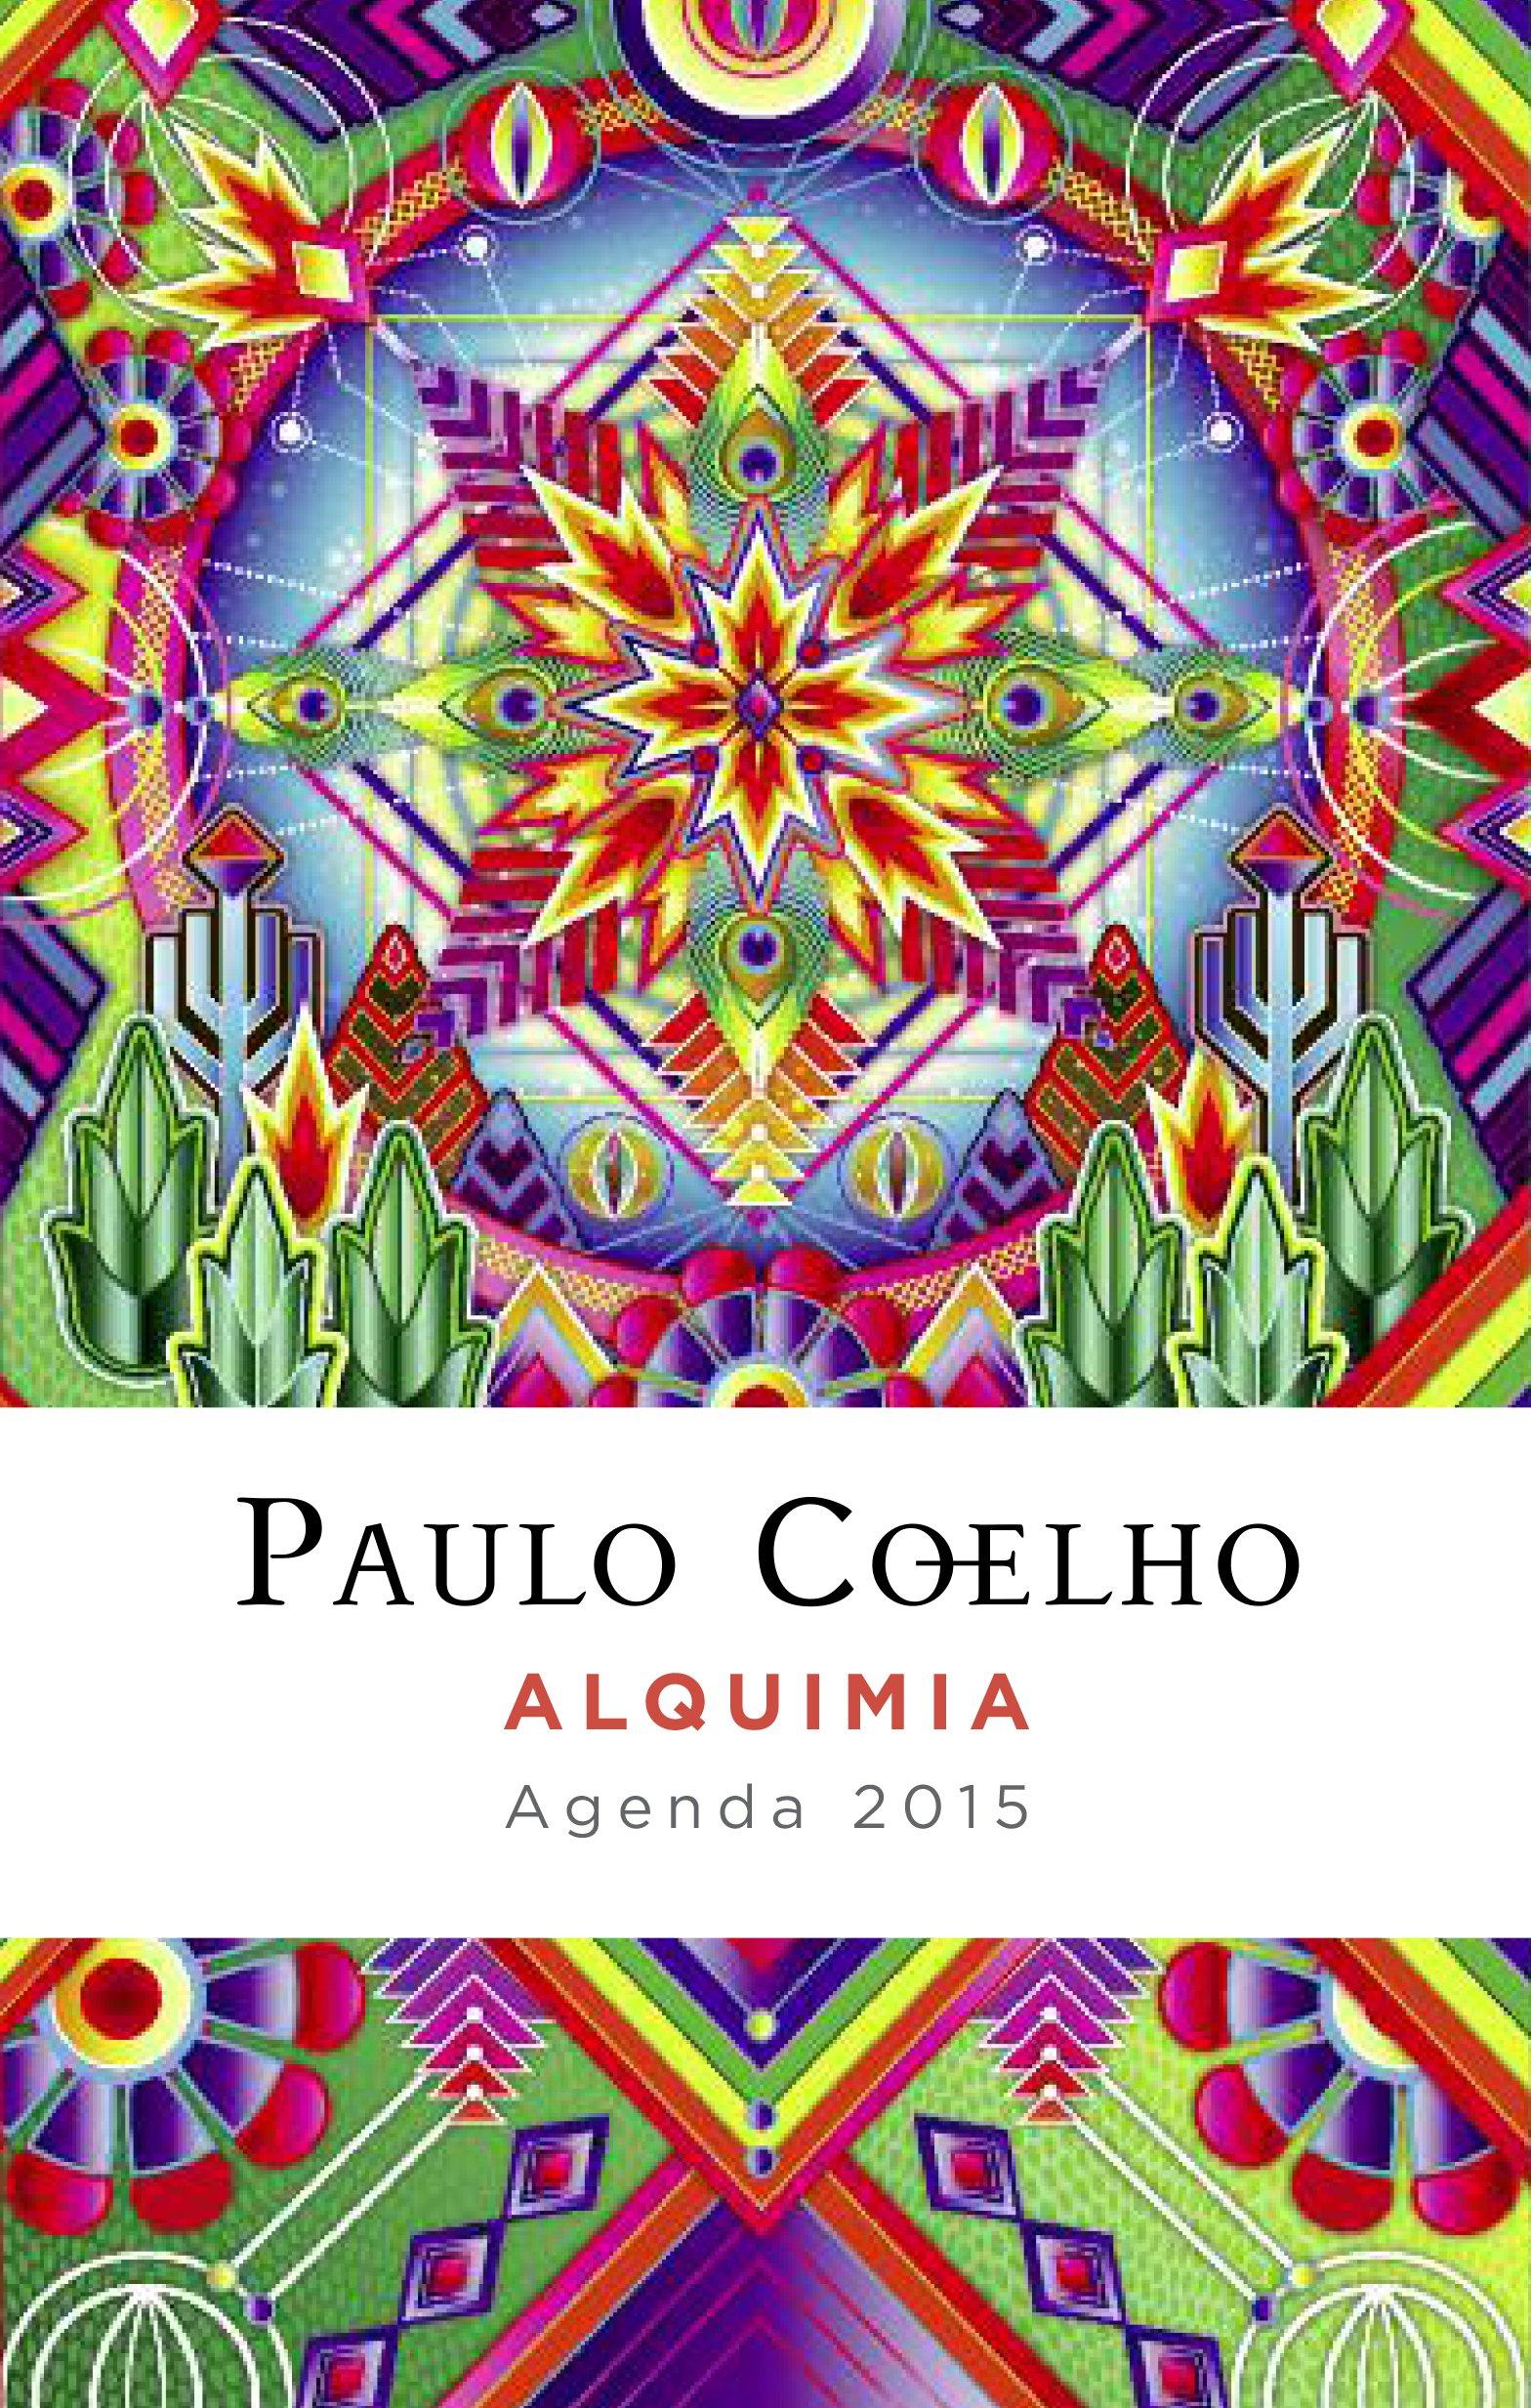 Alquimia Agenda 2015 Productos Papelería Paulo Coelho ...